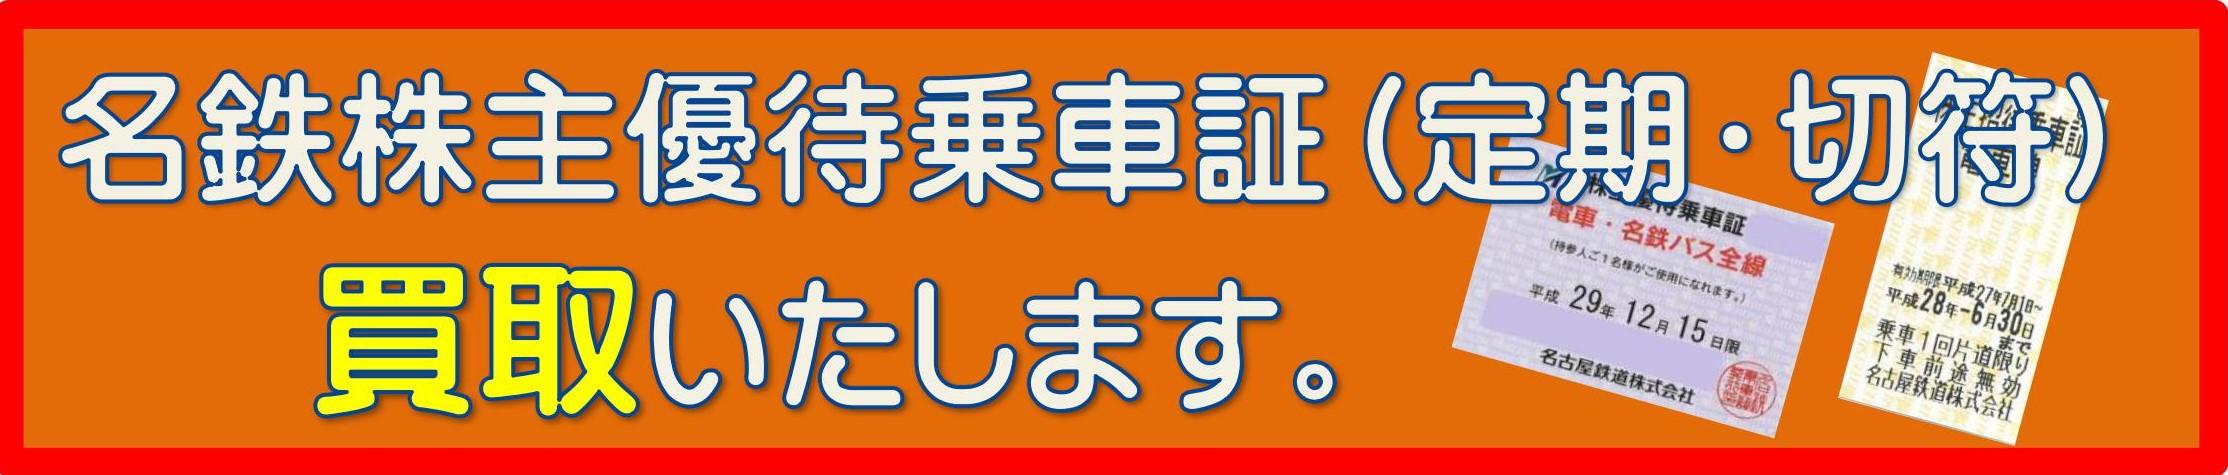 豊橋金券ショップフリーチケット|名鉄株主優待券買取します